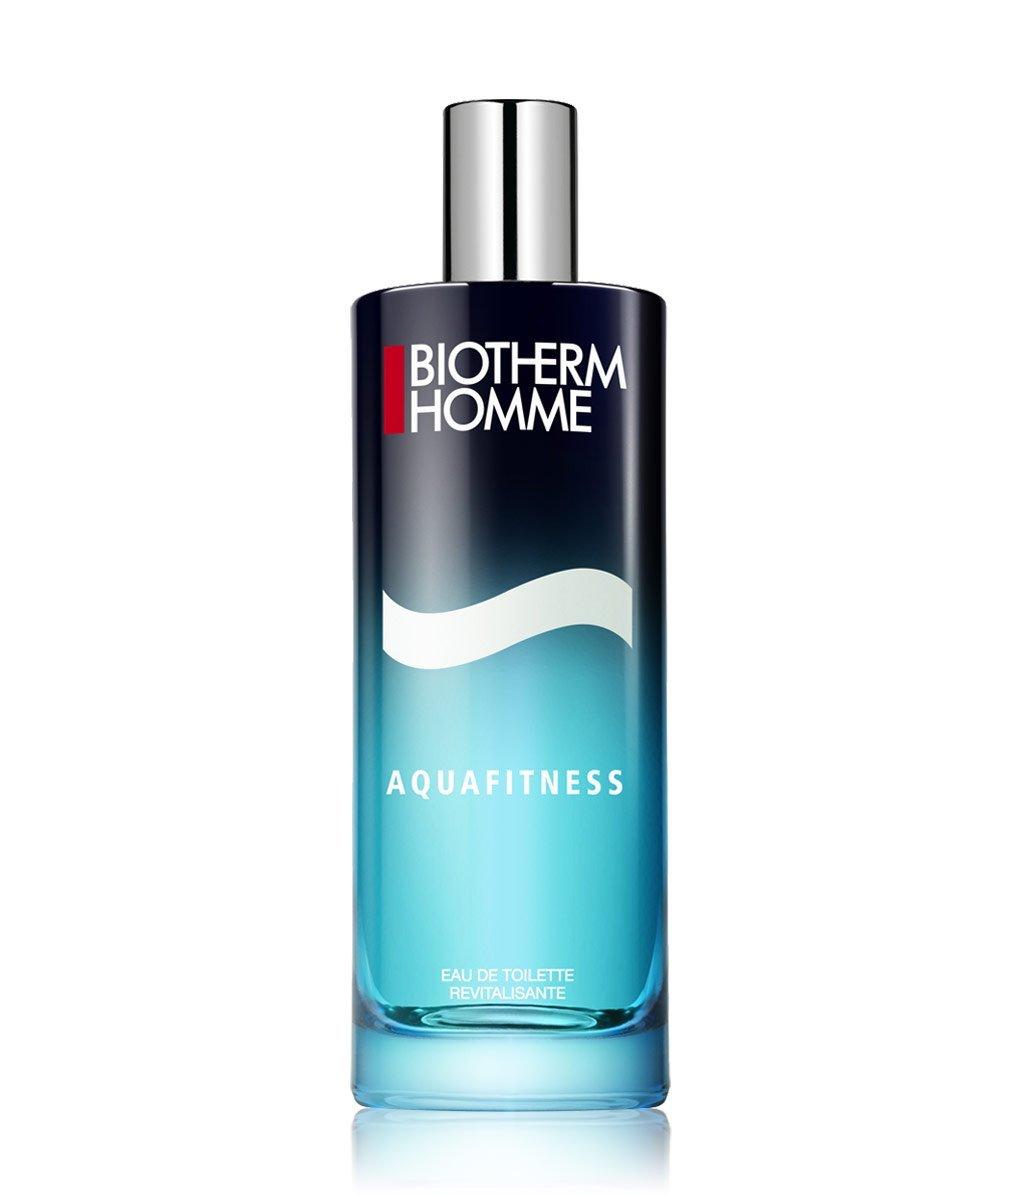 biotherm homme aquafitness parfum k rperspray bestellen flaconi. Black Bedroom Furniture Sets. Home Design Ideas